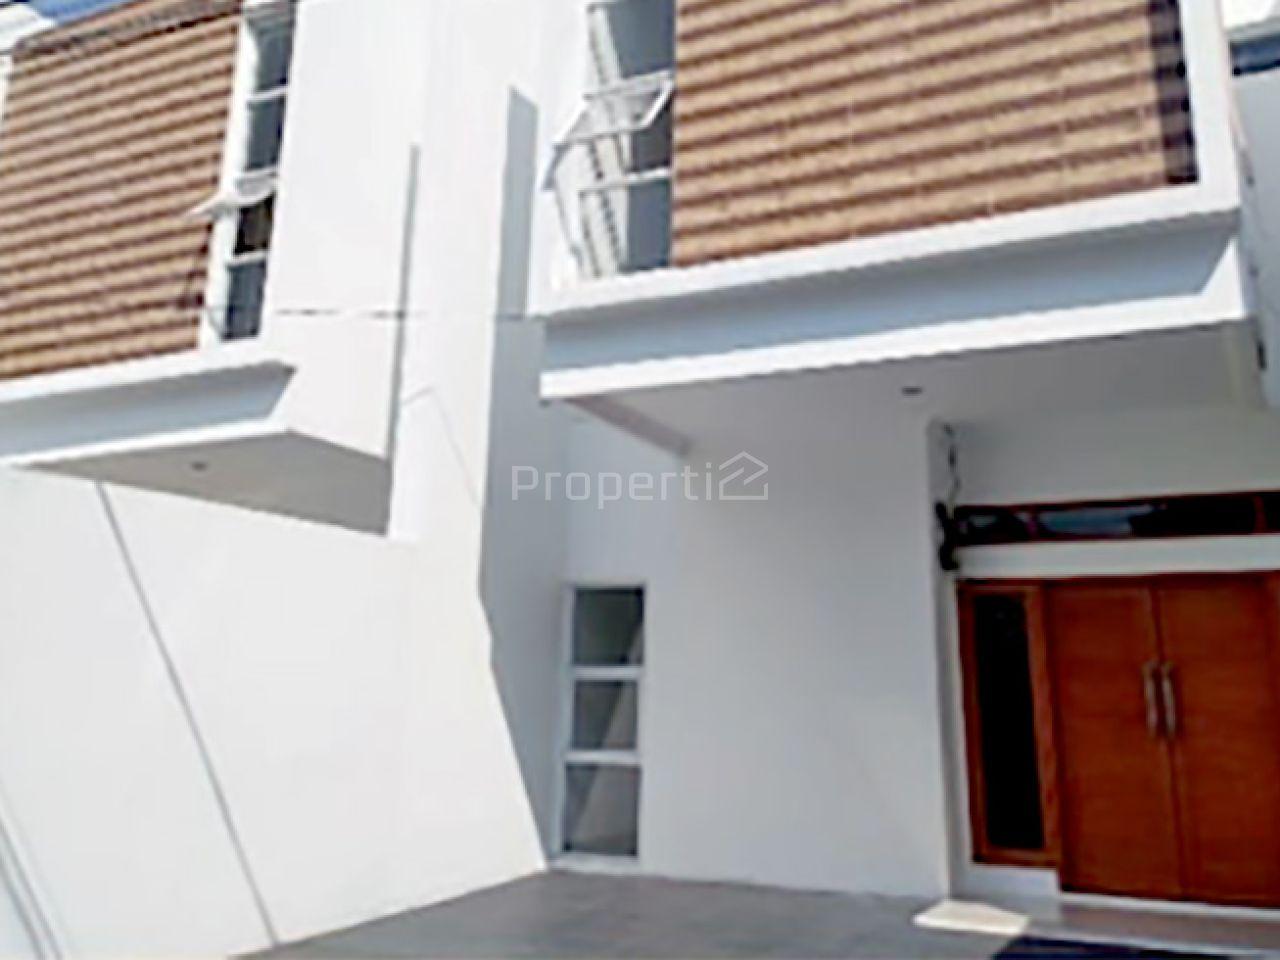 Rumah Baru Minimalis dan Strategis di Tebet Barat, DKI Jakarta